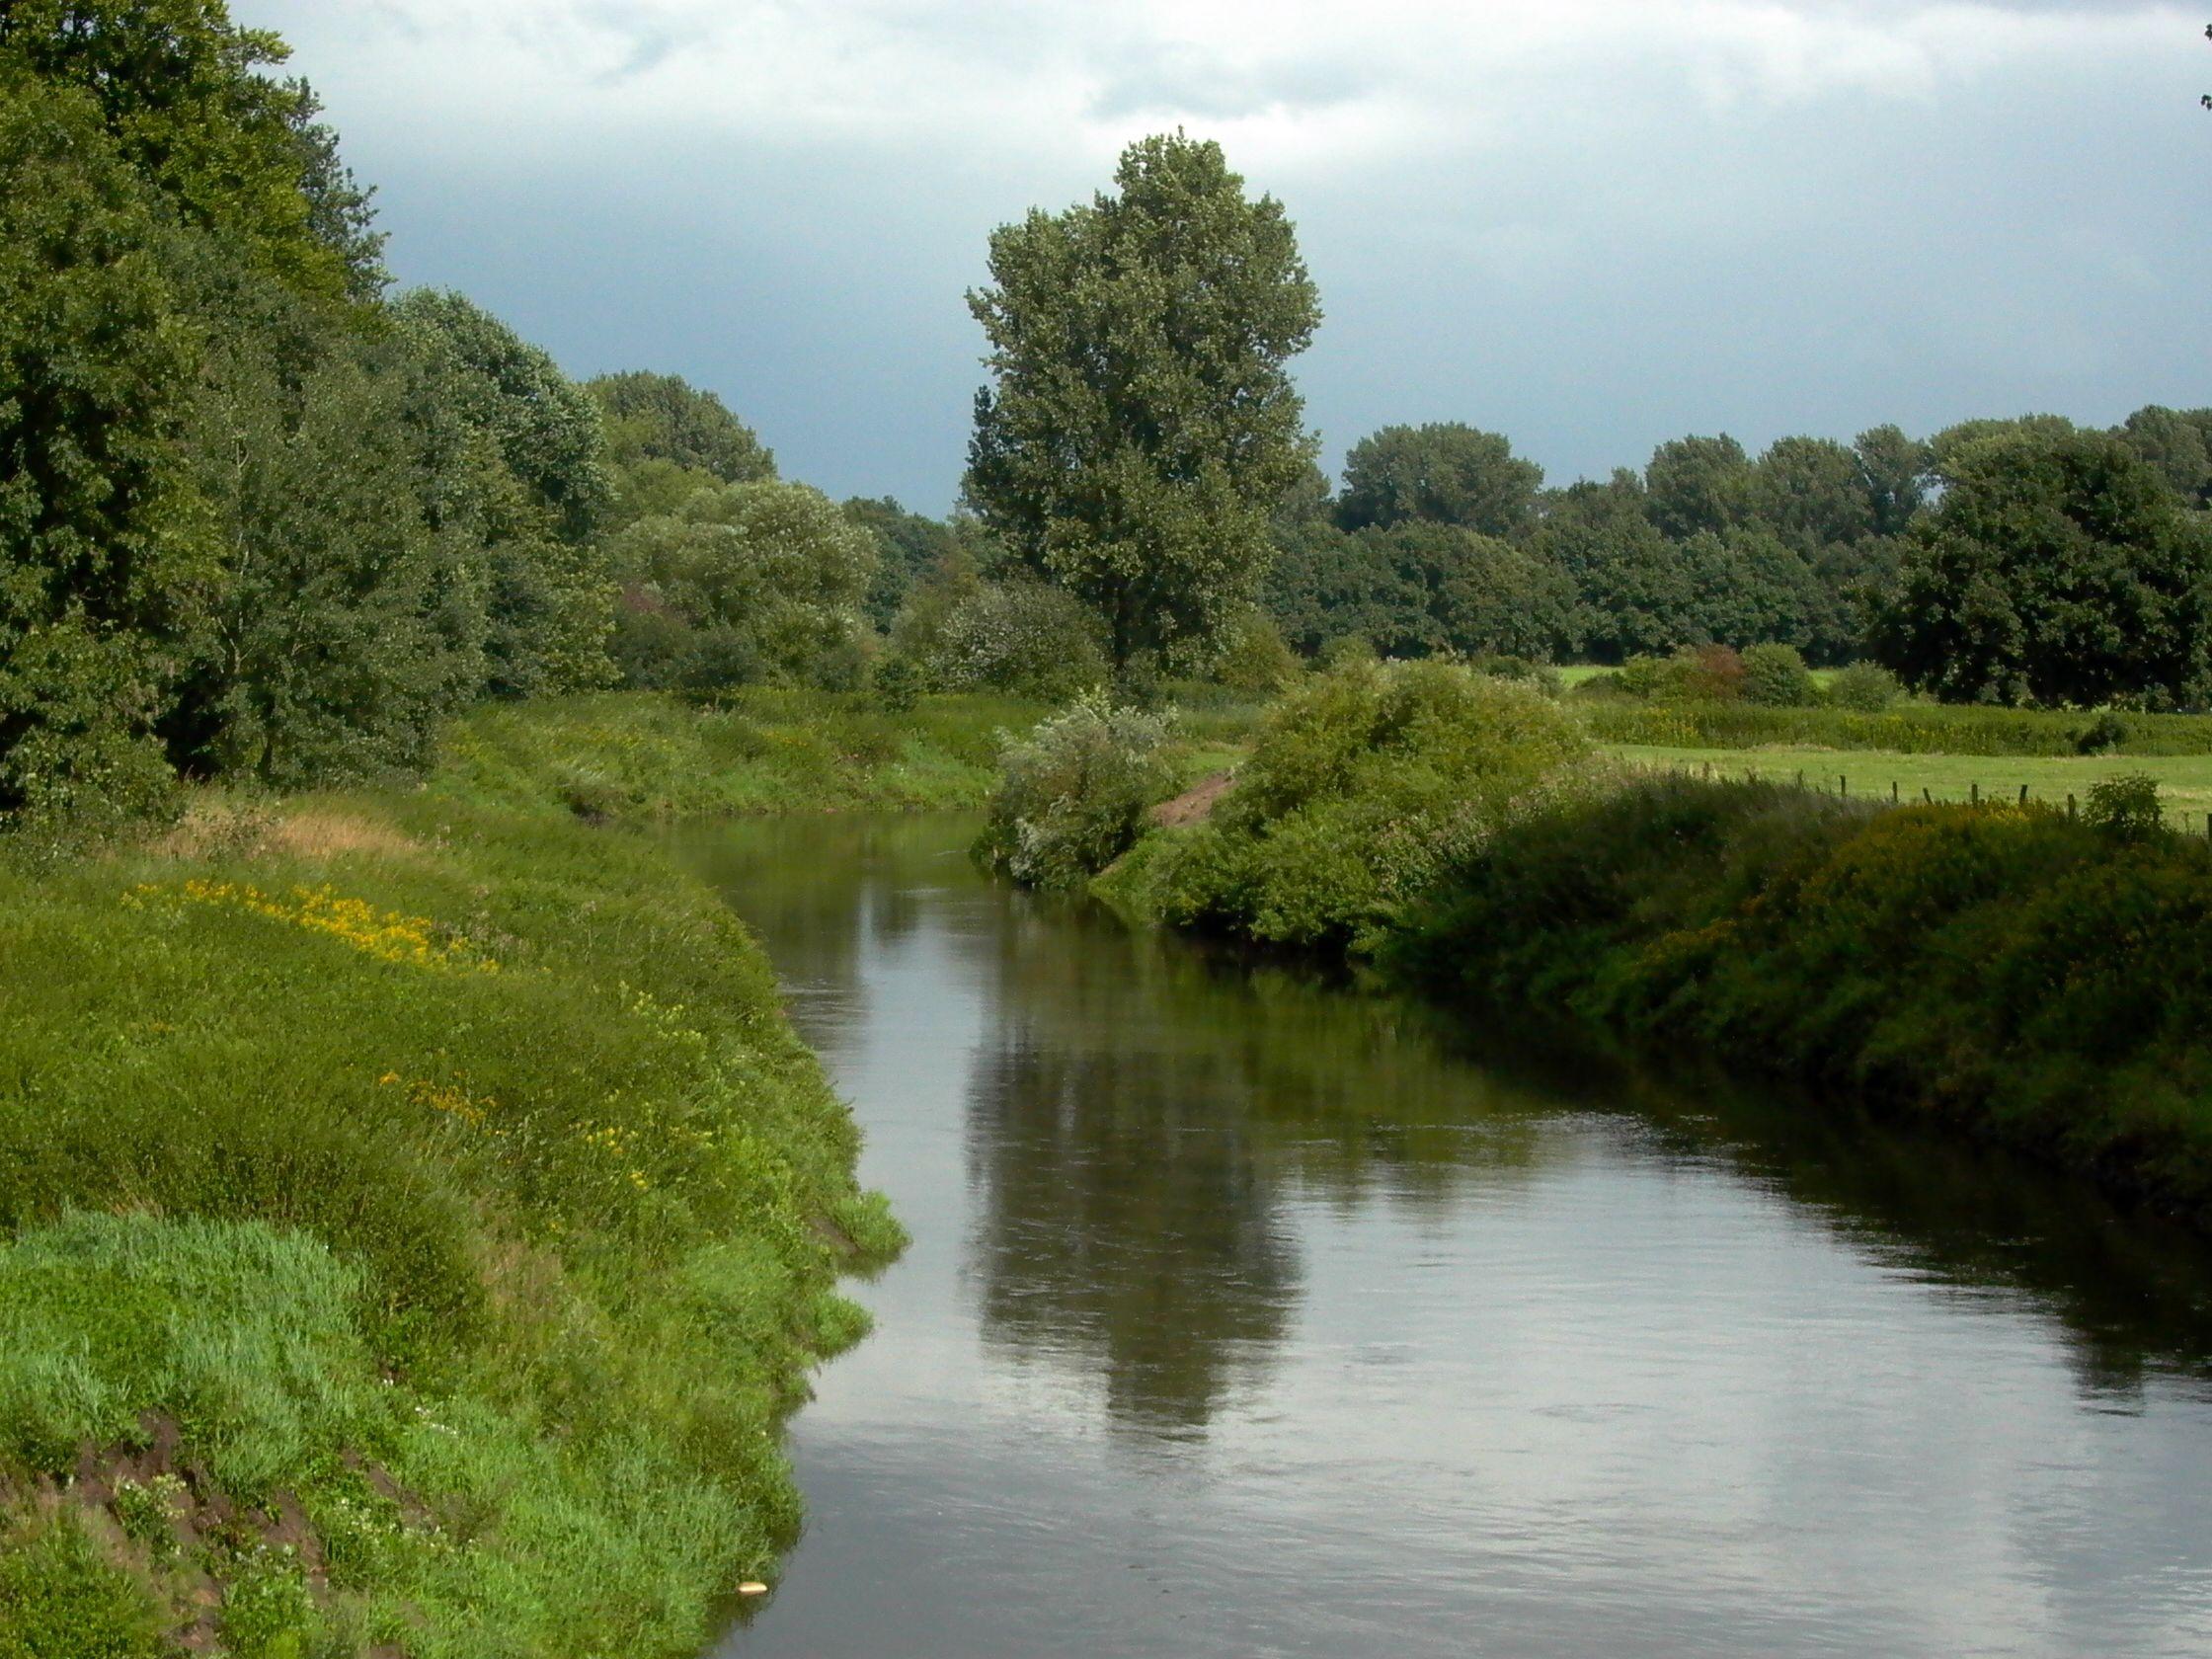 Ems Fluss In Europa Die Ems Ist Ein Fluss Im Nordwesten Der Bundesrepublik Deutschland Sie Entspringt In Der Senne In Schloss Holte Stukenb River Outdoor Water